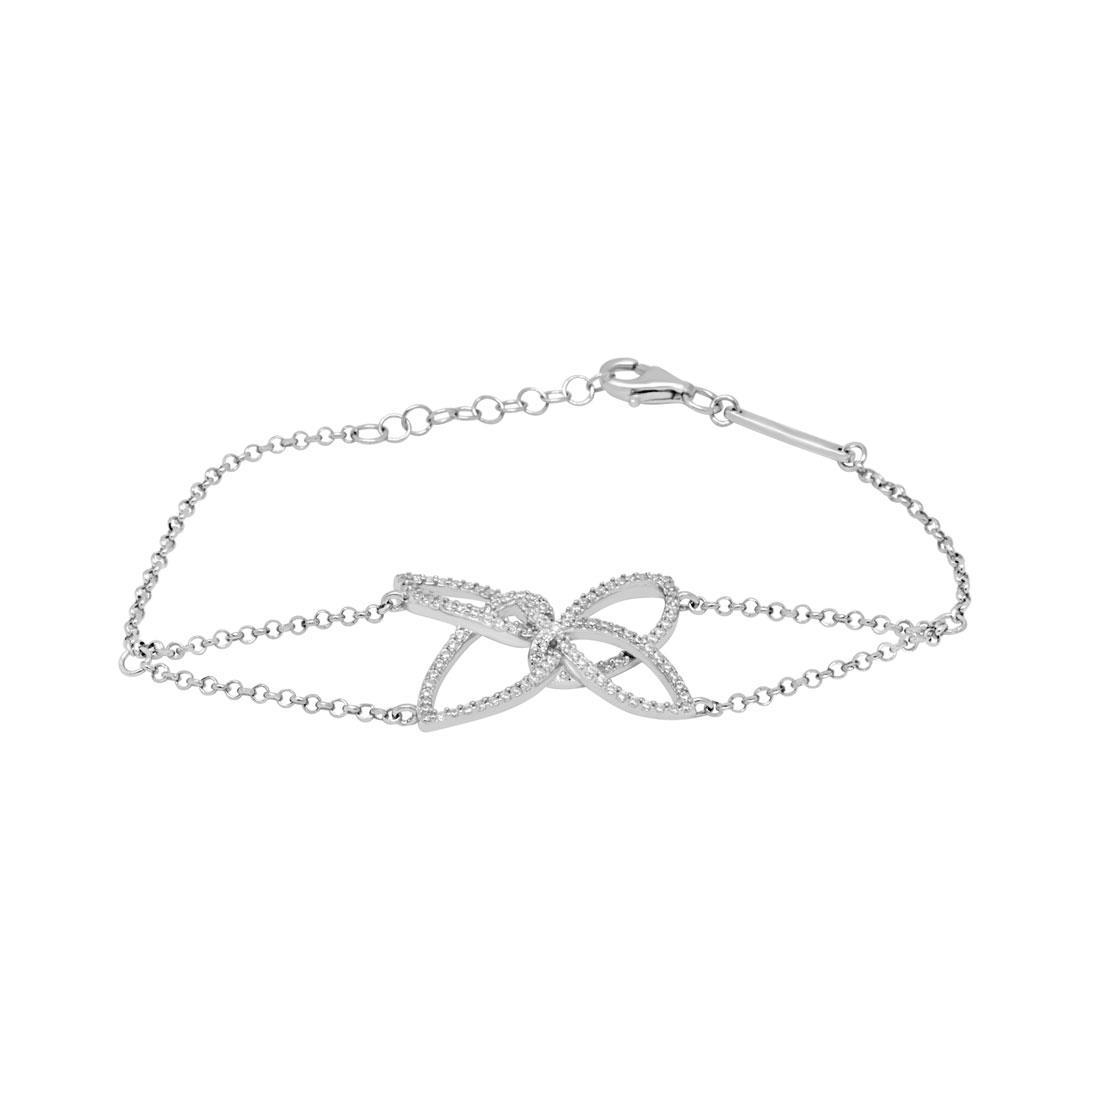 Bracciale in argento con zirconi - MORELLATO